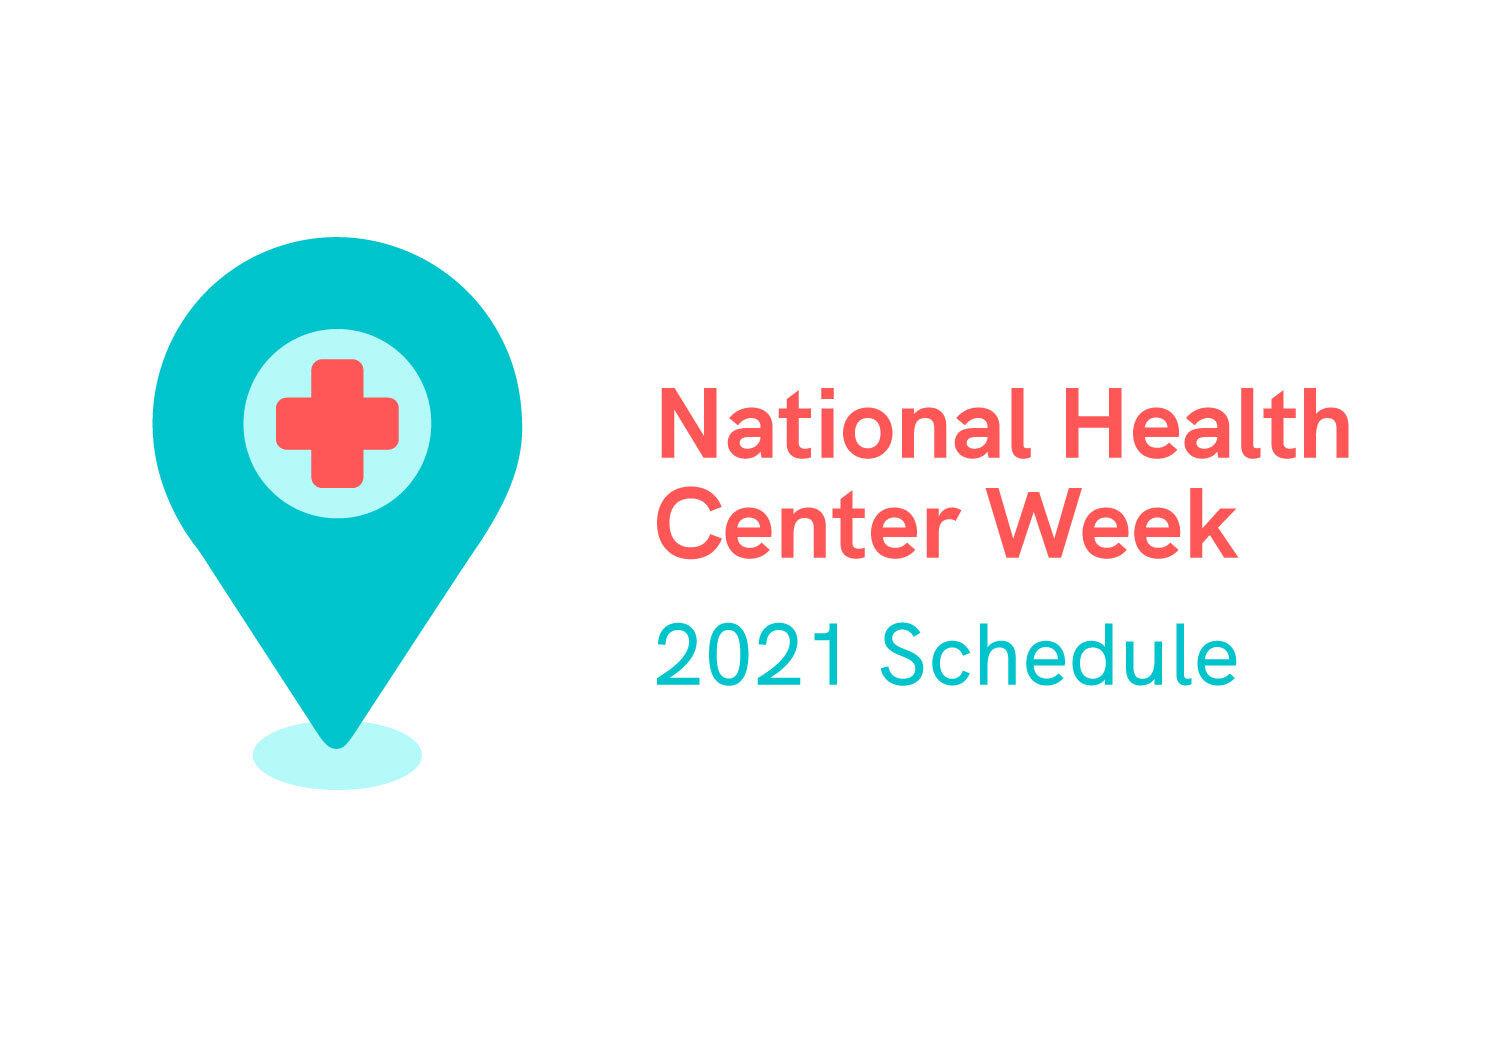 2021 National Health Center Week Schedule